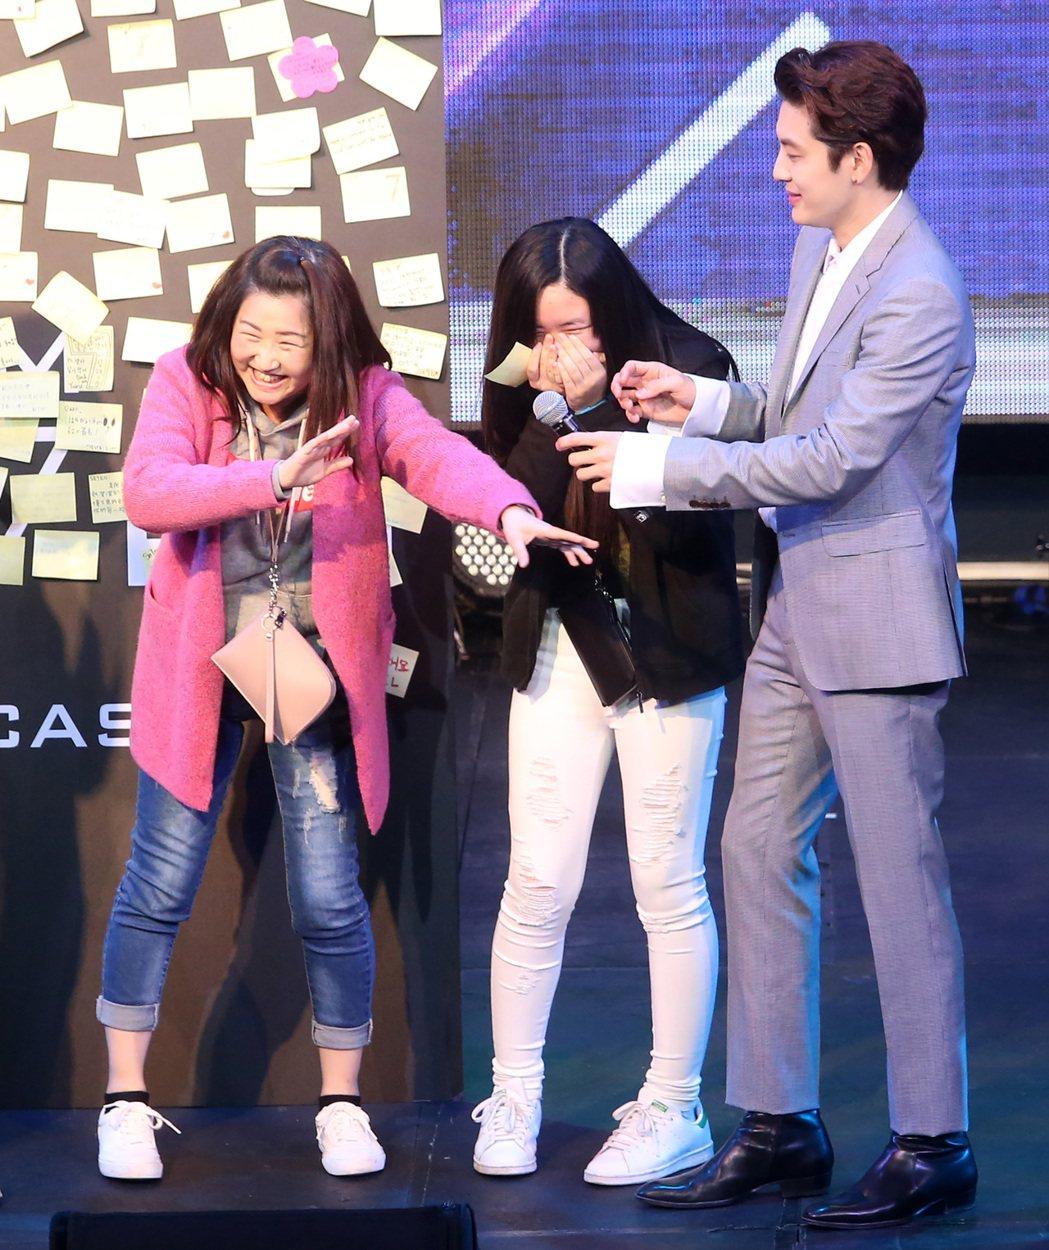 韓星SE7EN晚上舉行歌迷見面會,有母子同是粉絲一上台見到偶像相當害羞。記者胡經...